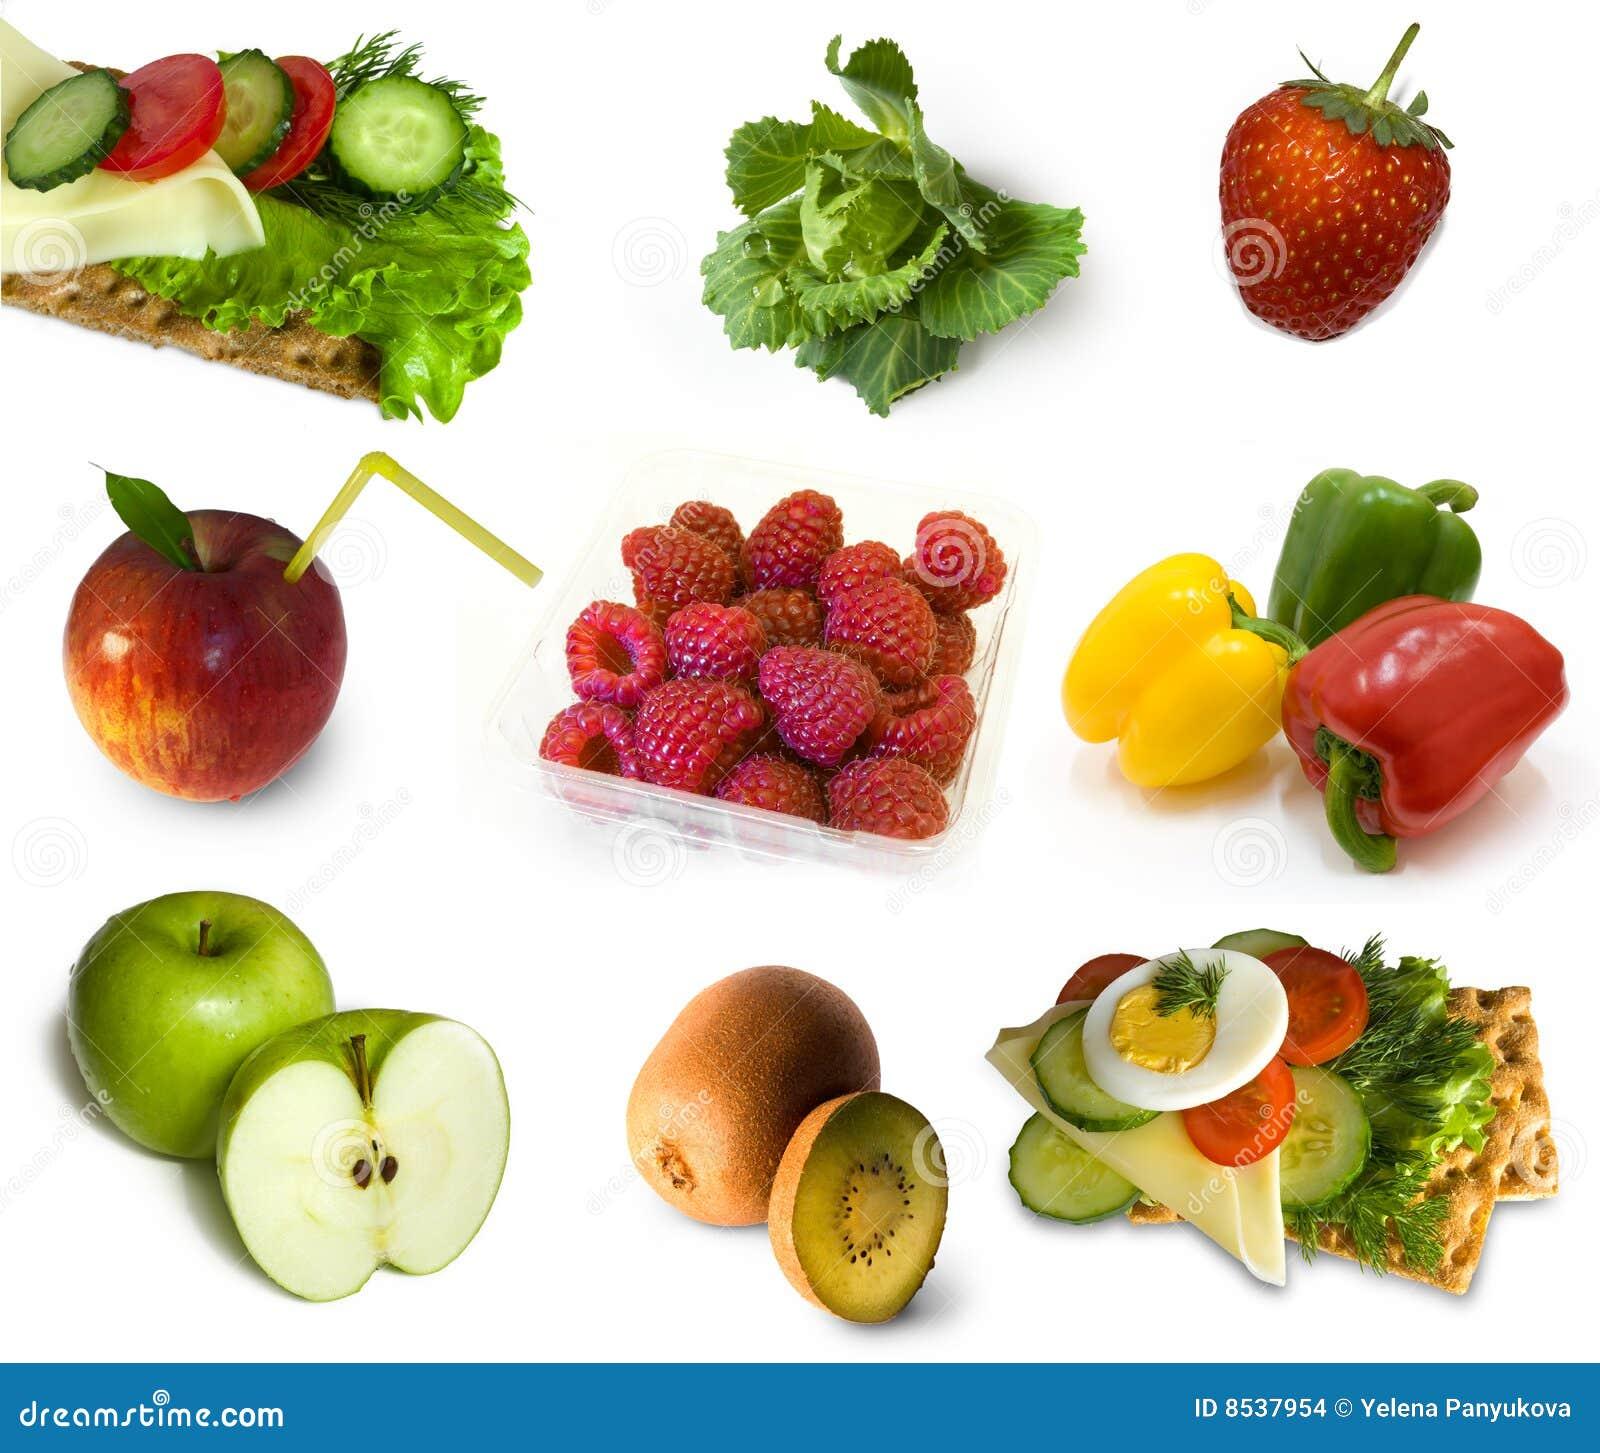 Colecci n de la comida sana foto de archivo imagen de - Fotos de comodas ...